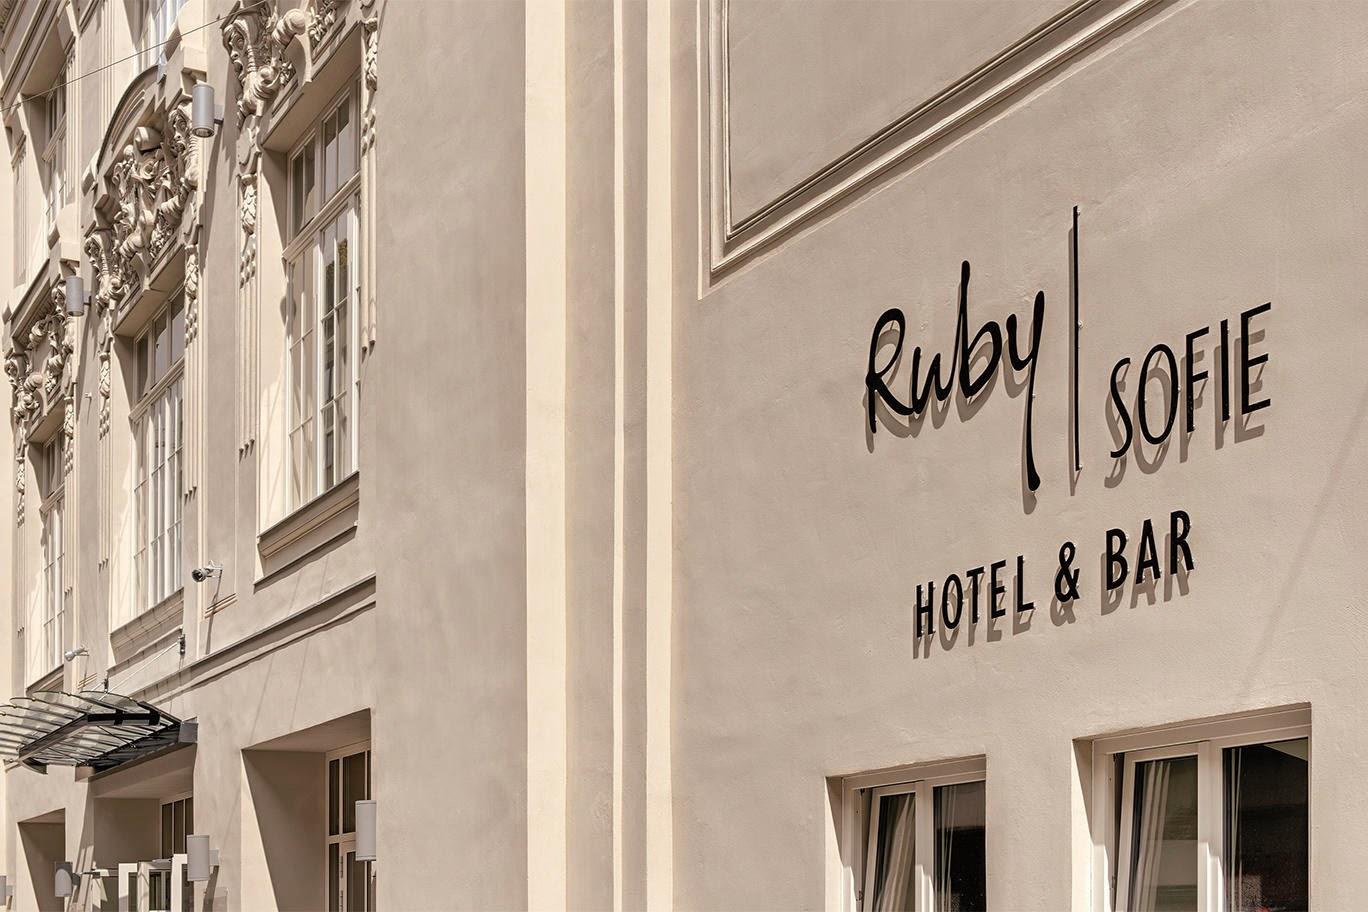 Ruby Sofie (Viena)